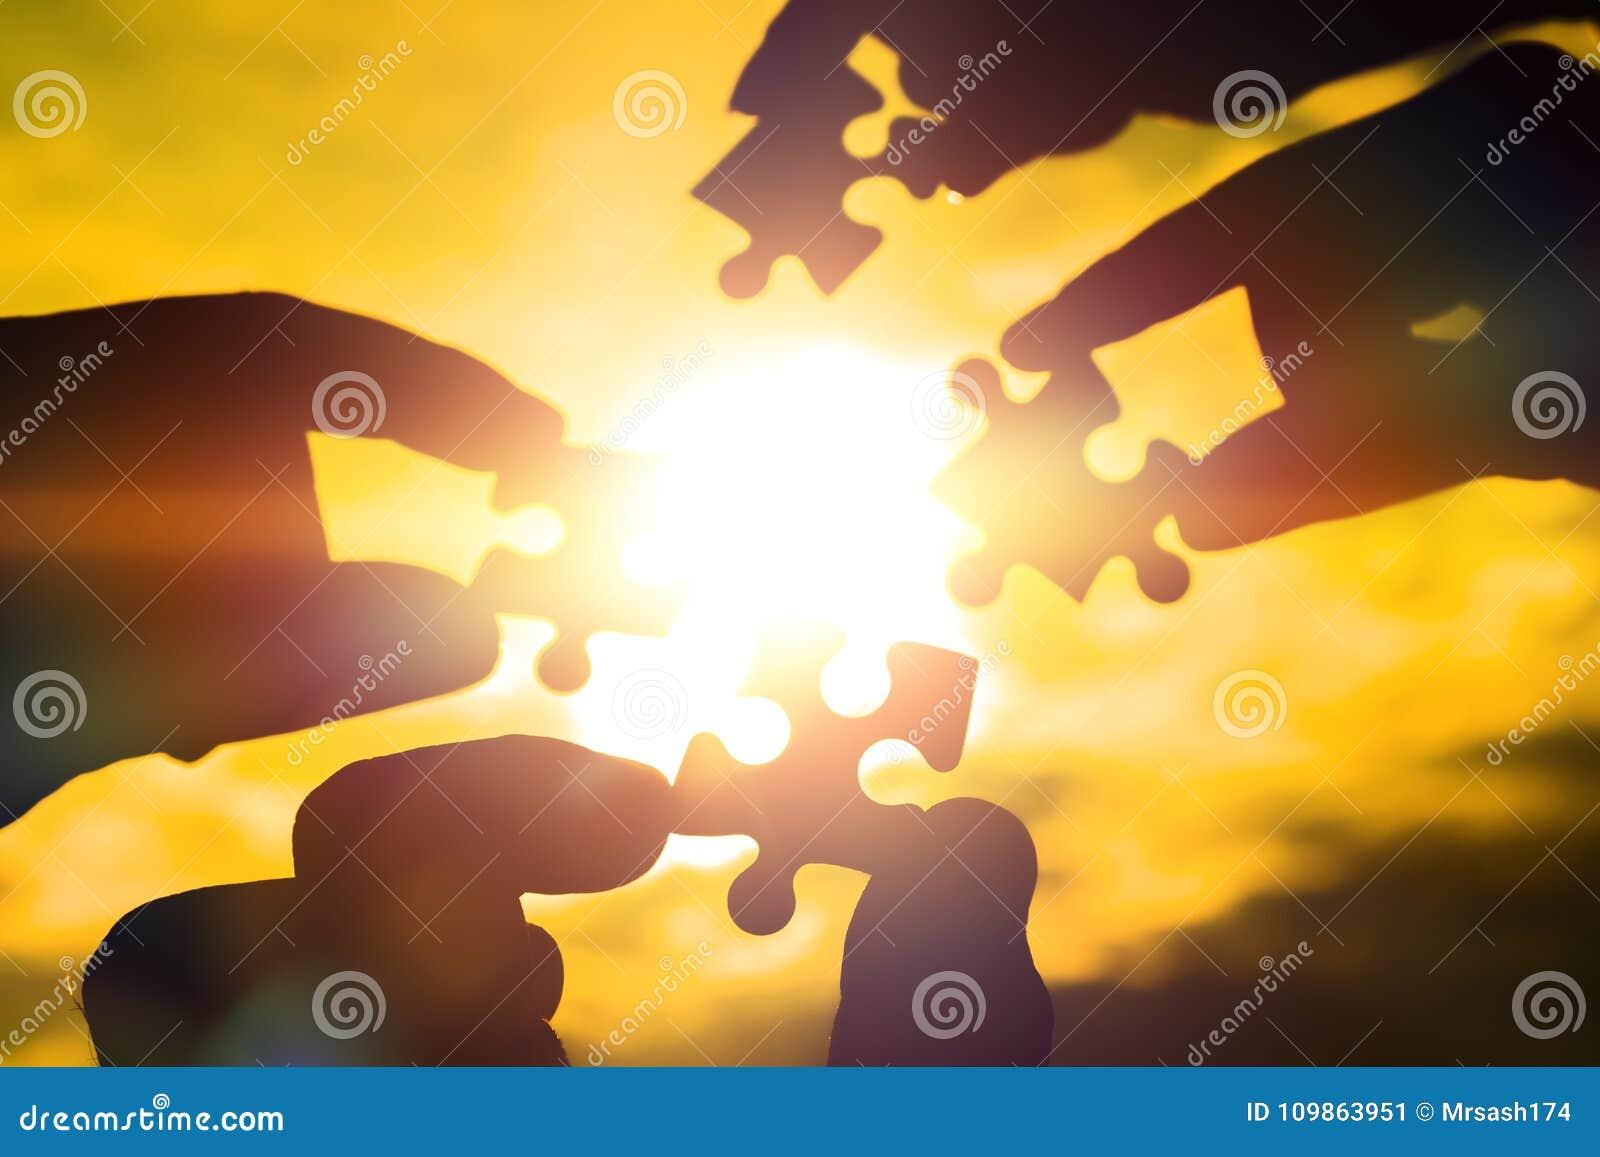 Colaboran cuatro manos que intentan conectar un pedazo del rompecabezas con un fondo de la puesta del sol Un rompecabezas a dispo